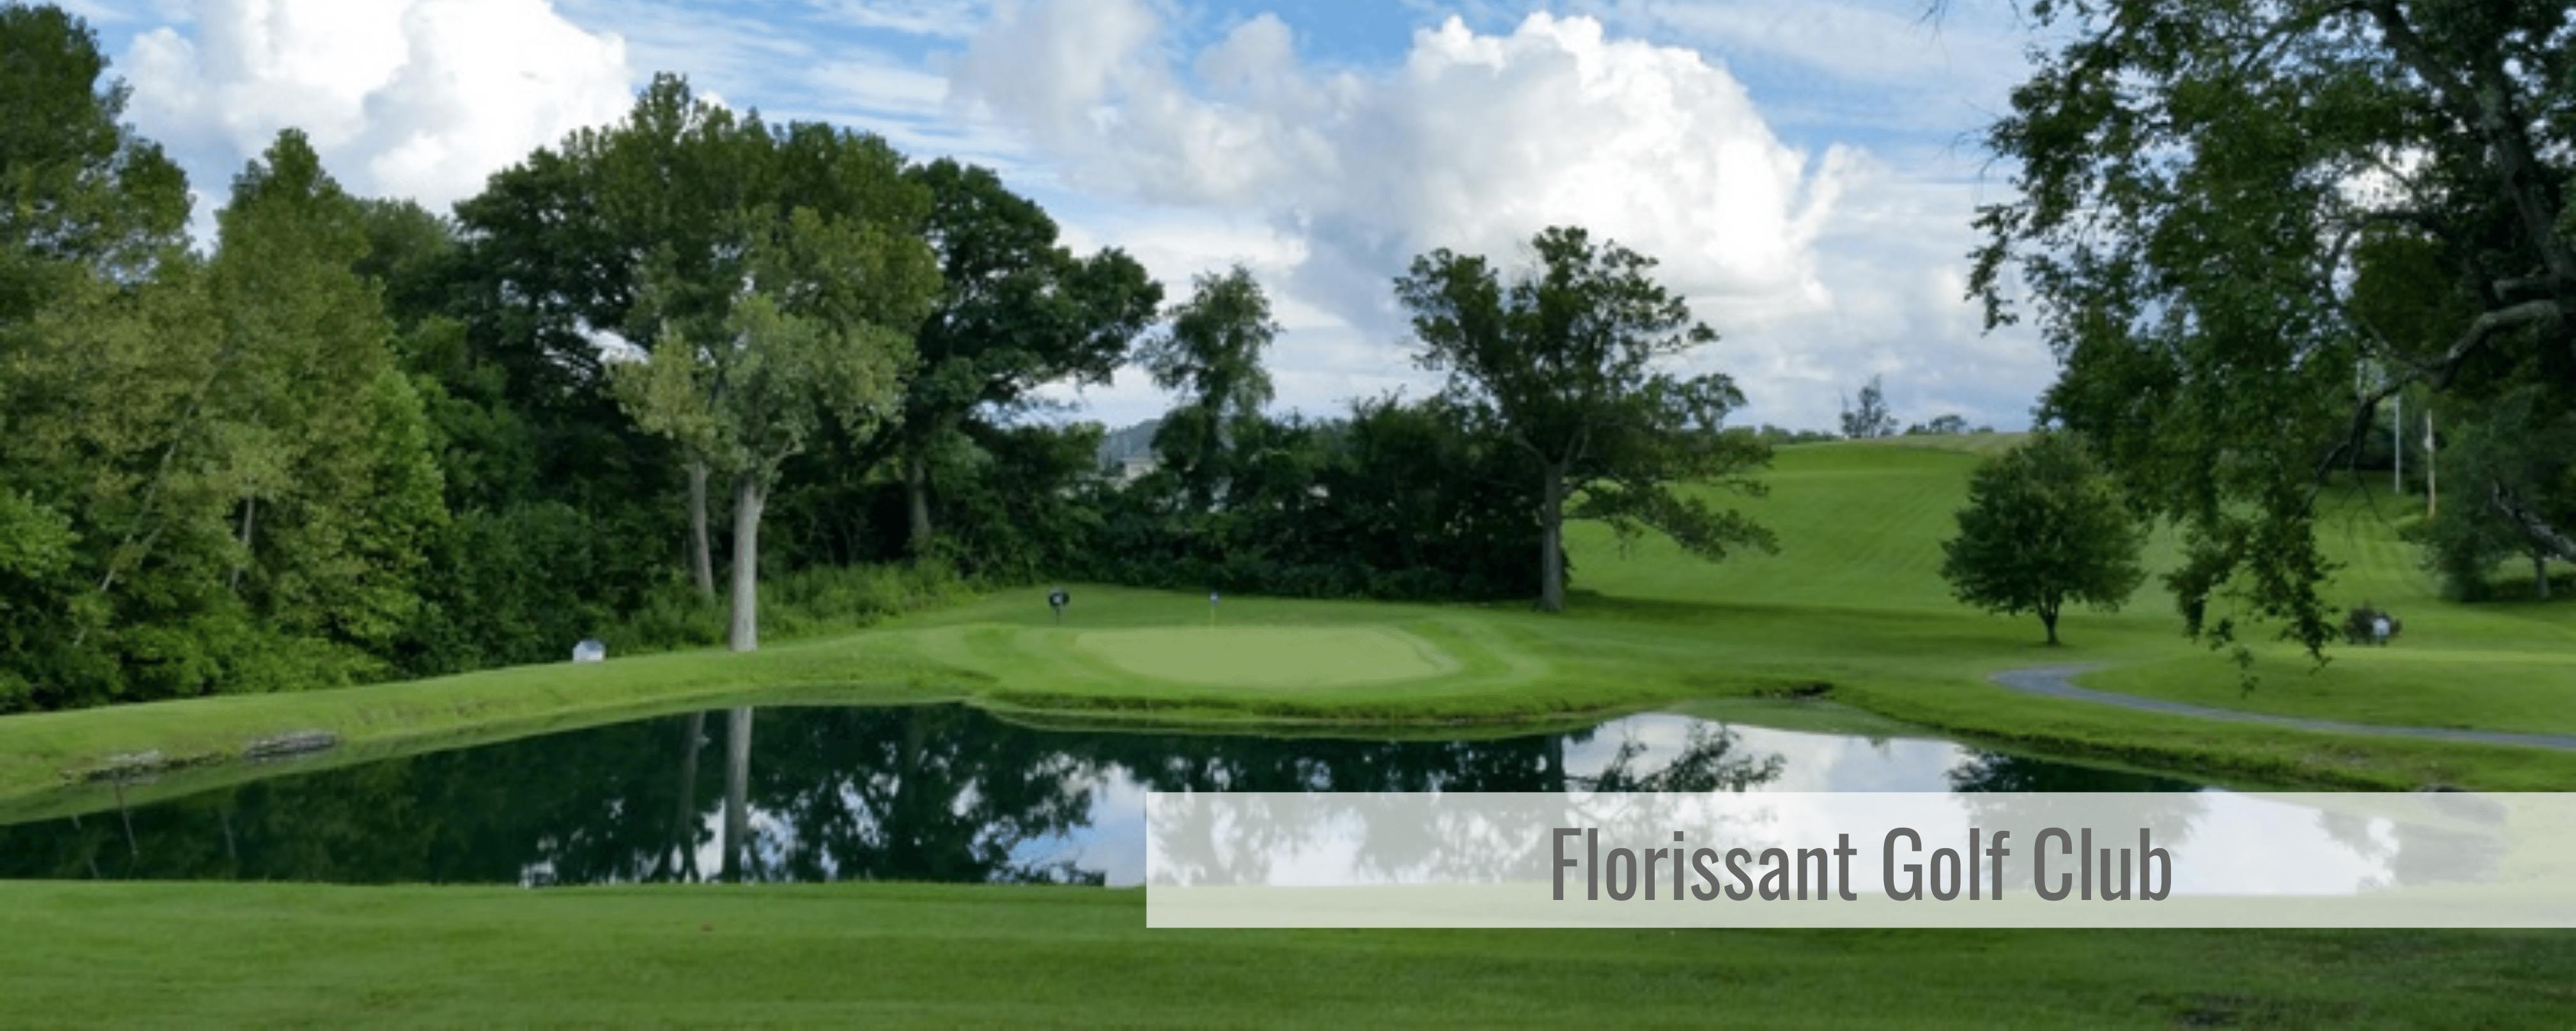 Florissant Golf Club